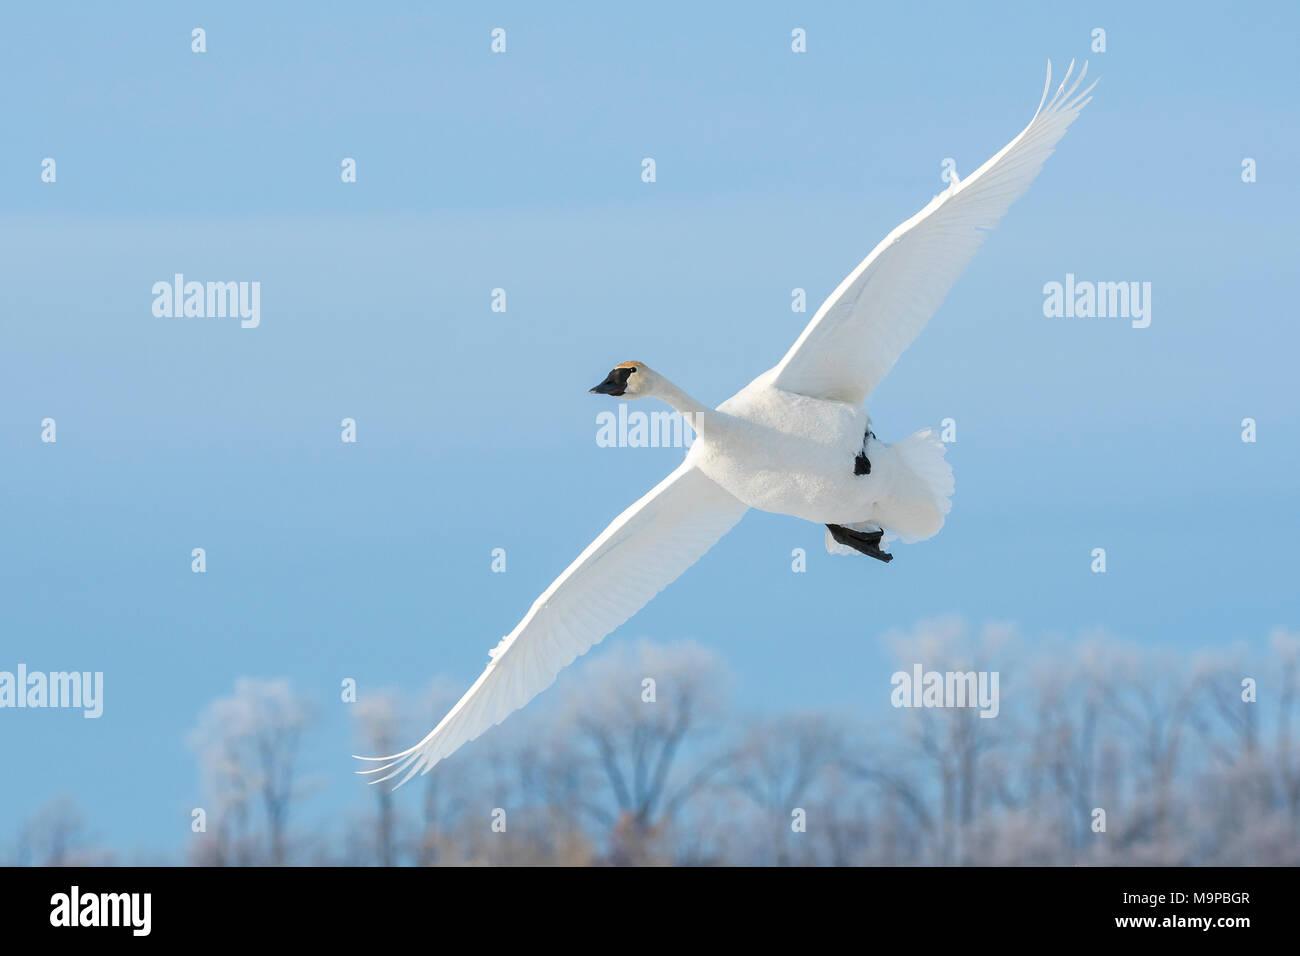 Trumpeter swan (Cygnus buccinatore) lo sbarco sul congelato St. Croix River. WI, Stati Uniti d'America, Gennaio, da Dominique Braud/Dembinsky Foto Assoc Immagini Stock